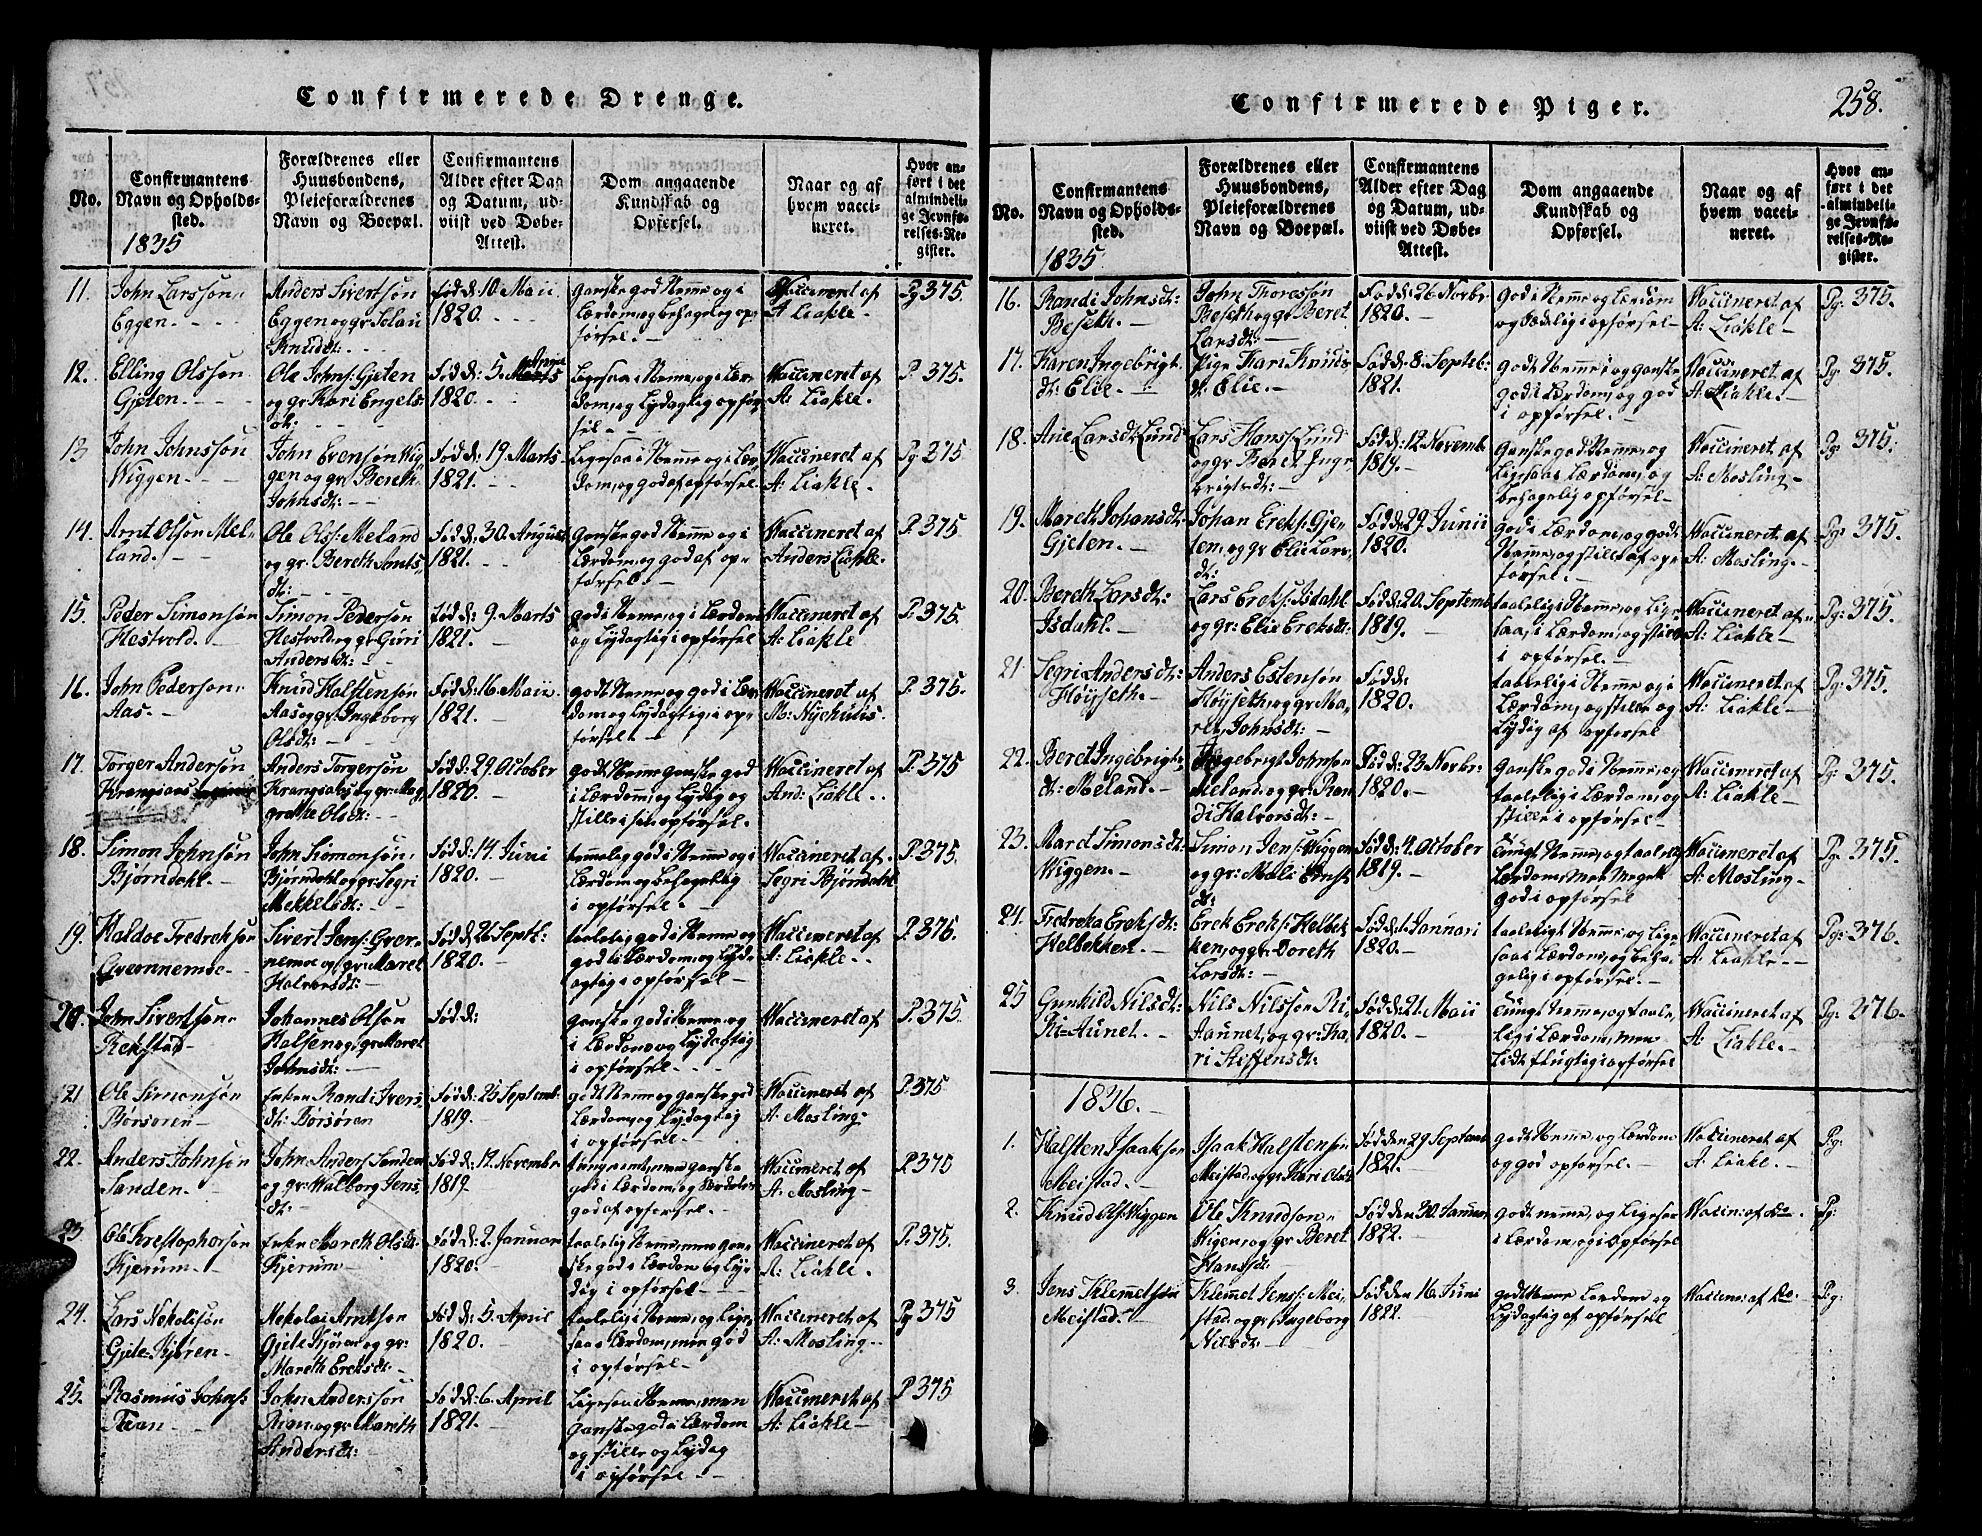 SAT, Ministerialprotokoller, klokkerbøker og fødselsregistre - Sør-Trøndelag, 665/L0776: Klokkerbok nr. 665C01, 1817-1837, s. 258